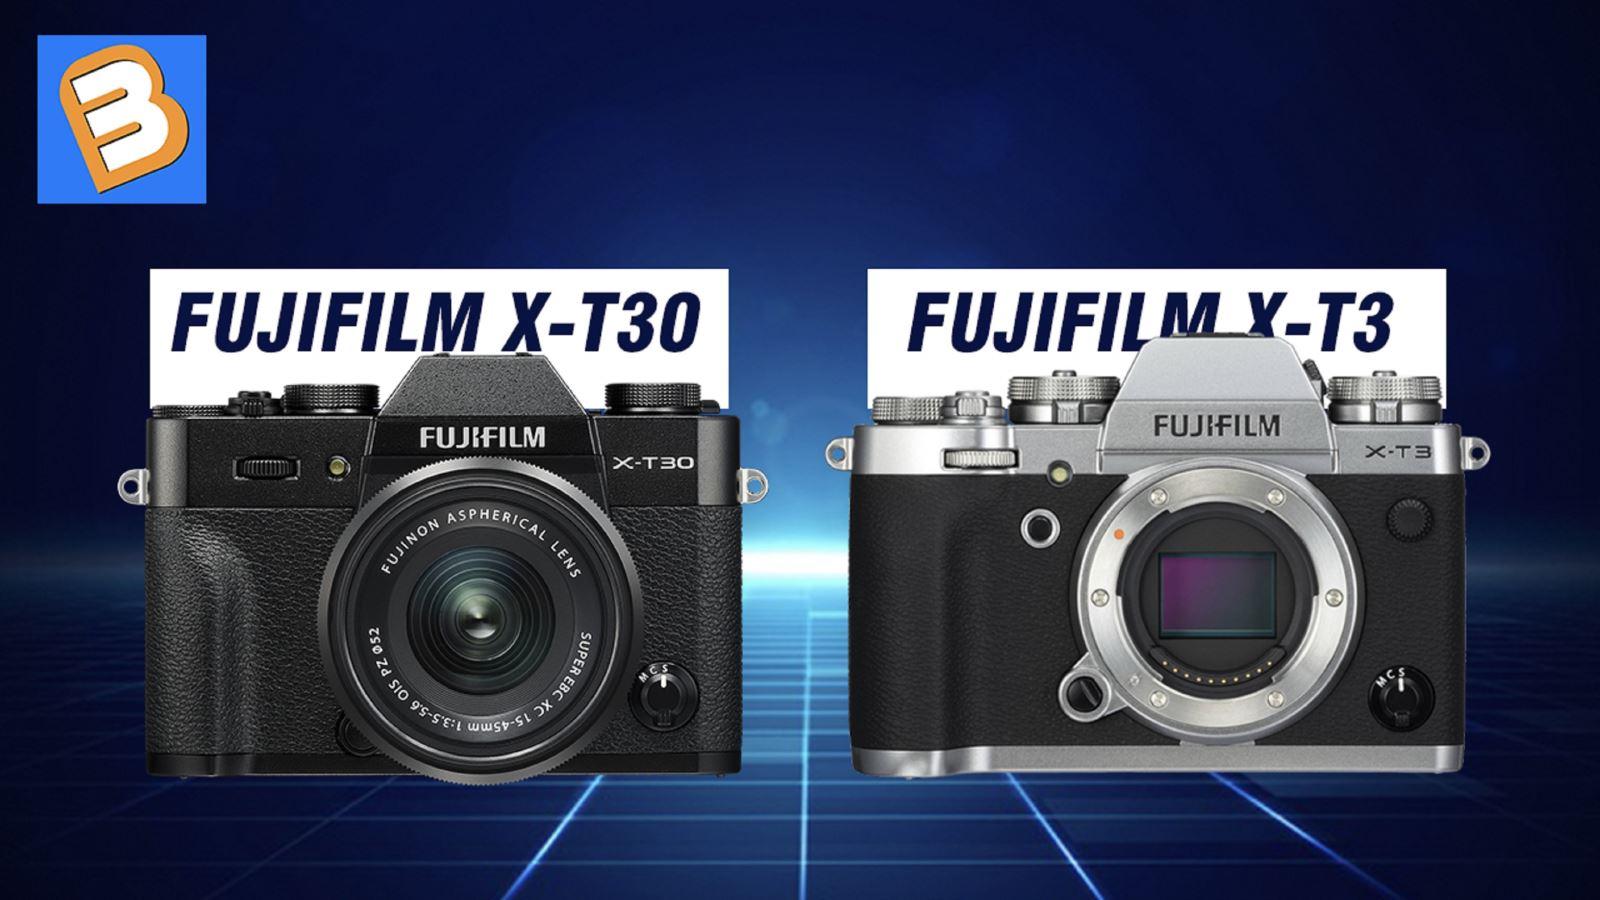 Fujifilm X-T30 vớiX-T3-bạn chọn máy nào?